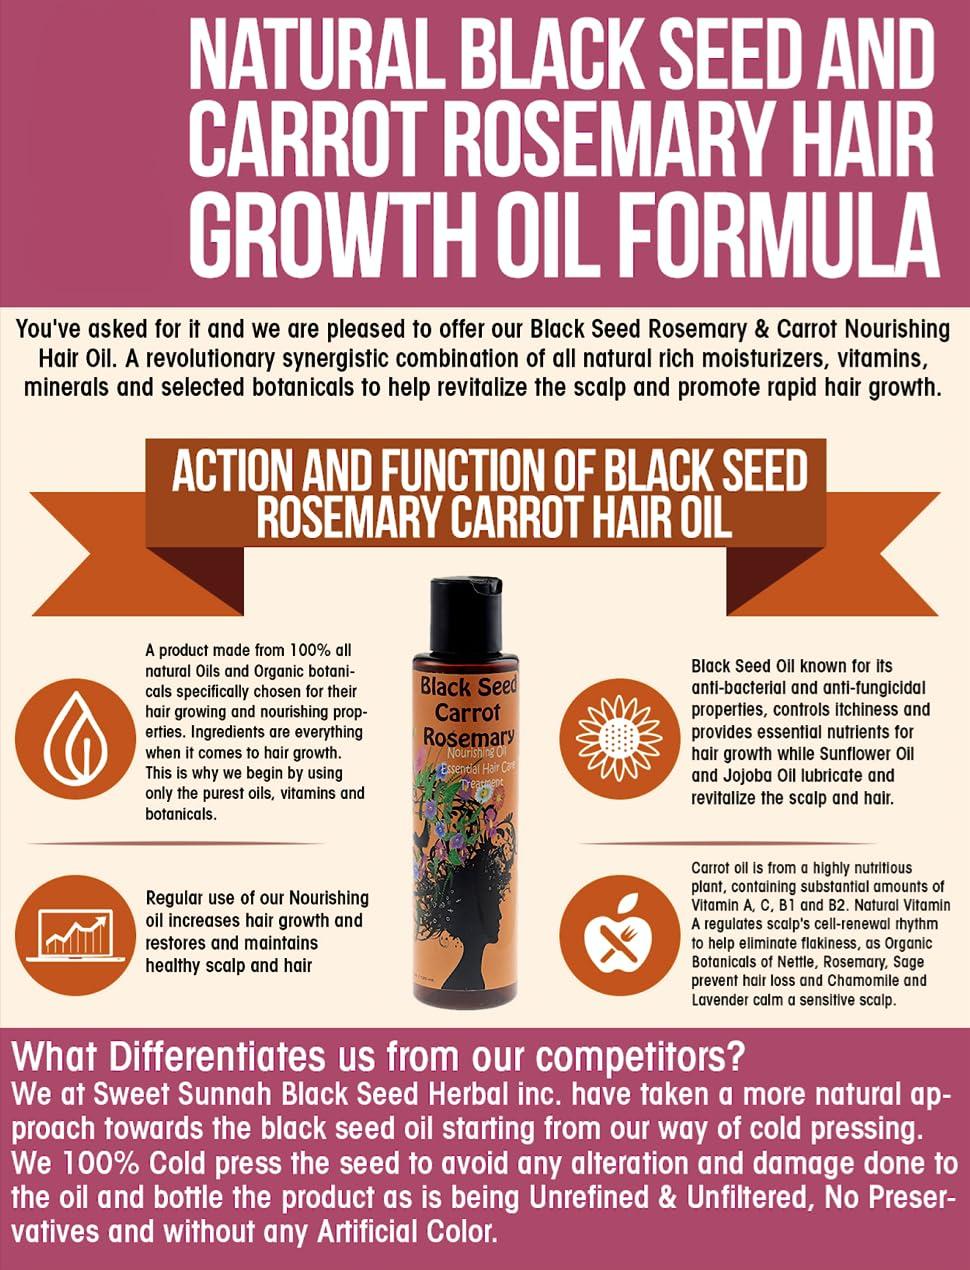 Rosemary Oil For Natural Black Hair